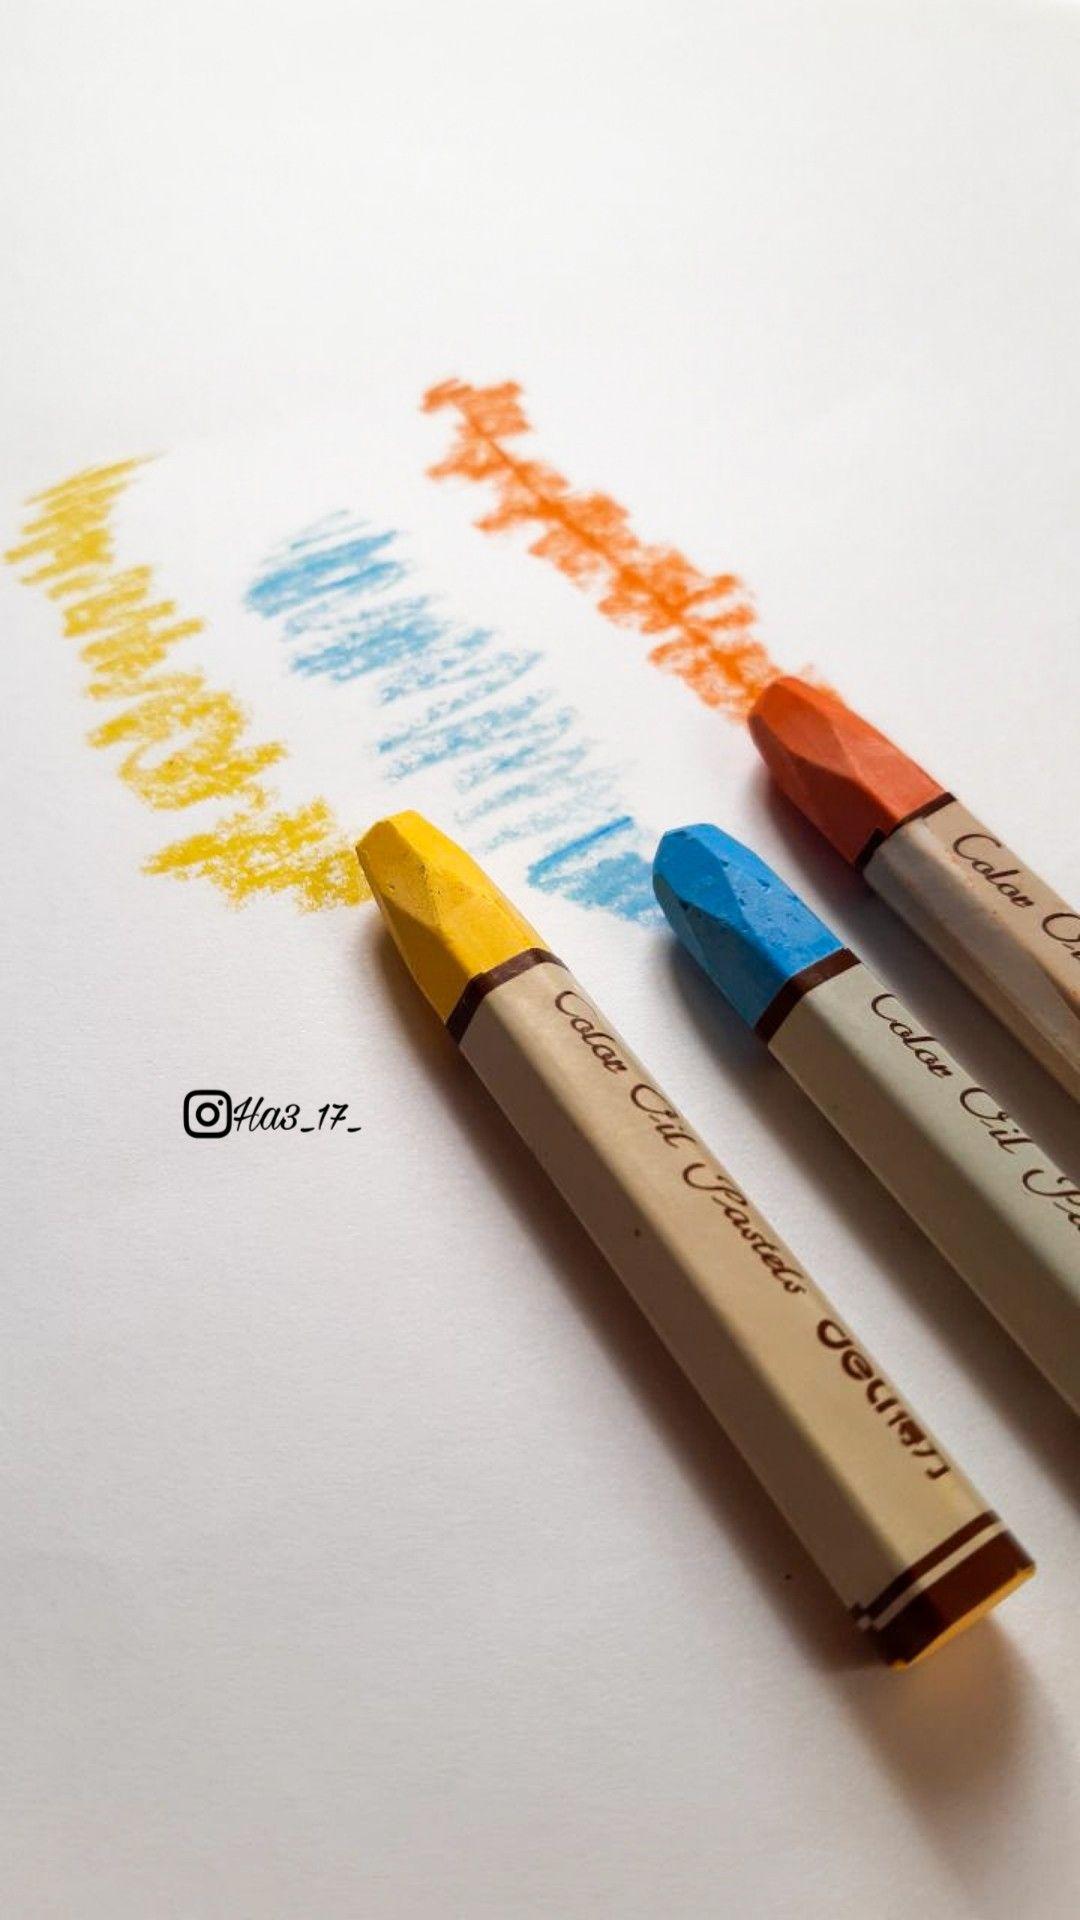 اقلام تلوين افكار تصوير كيوت Pen Pencil Supplies